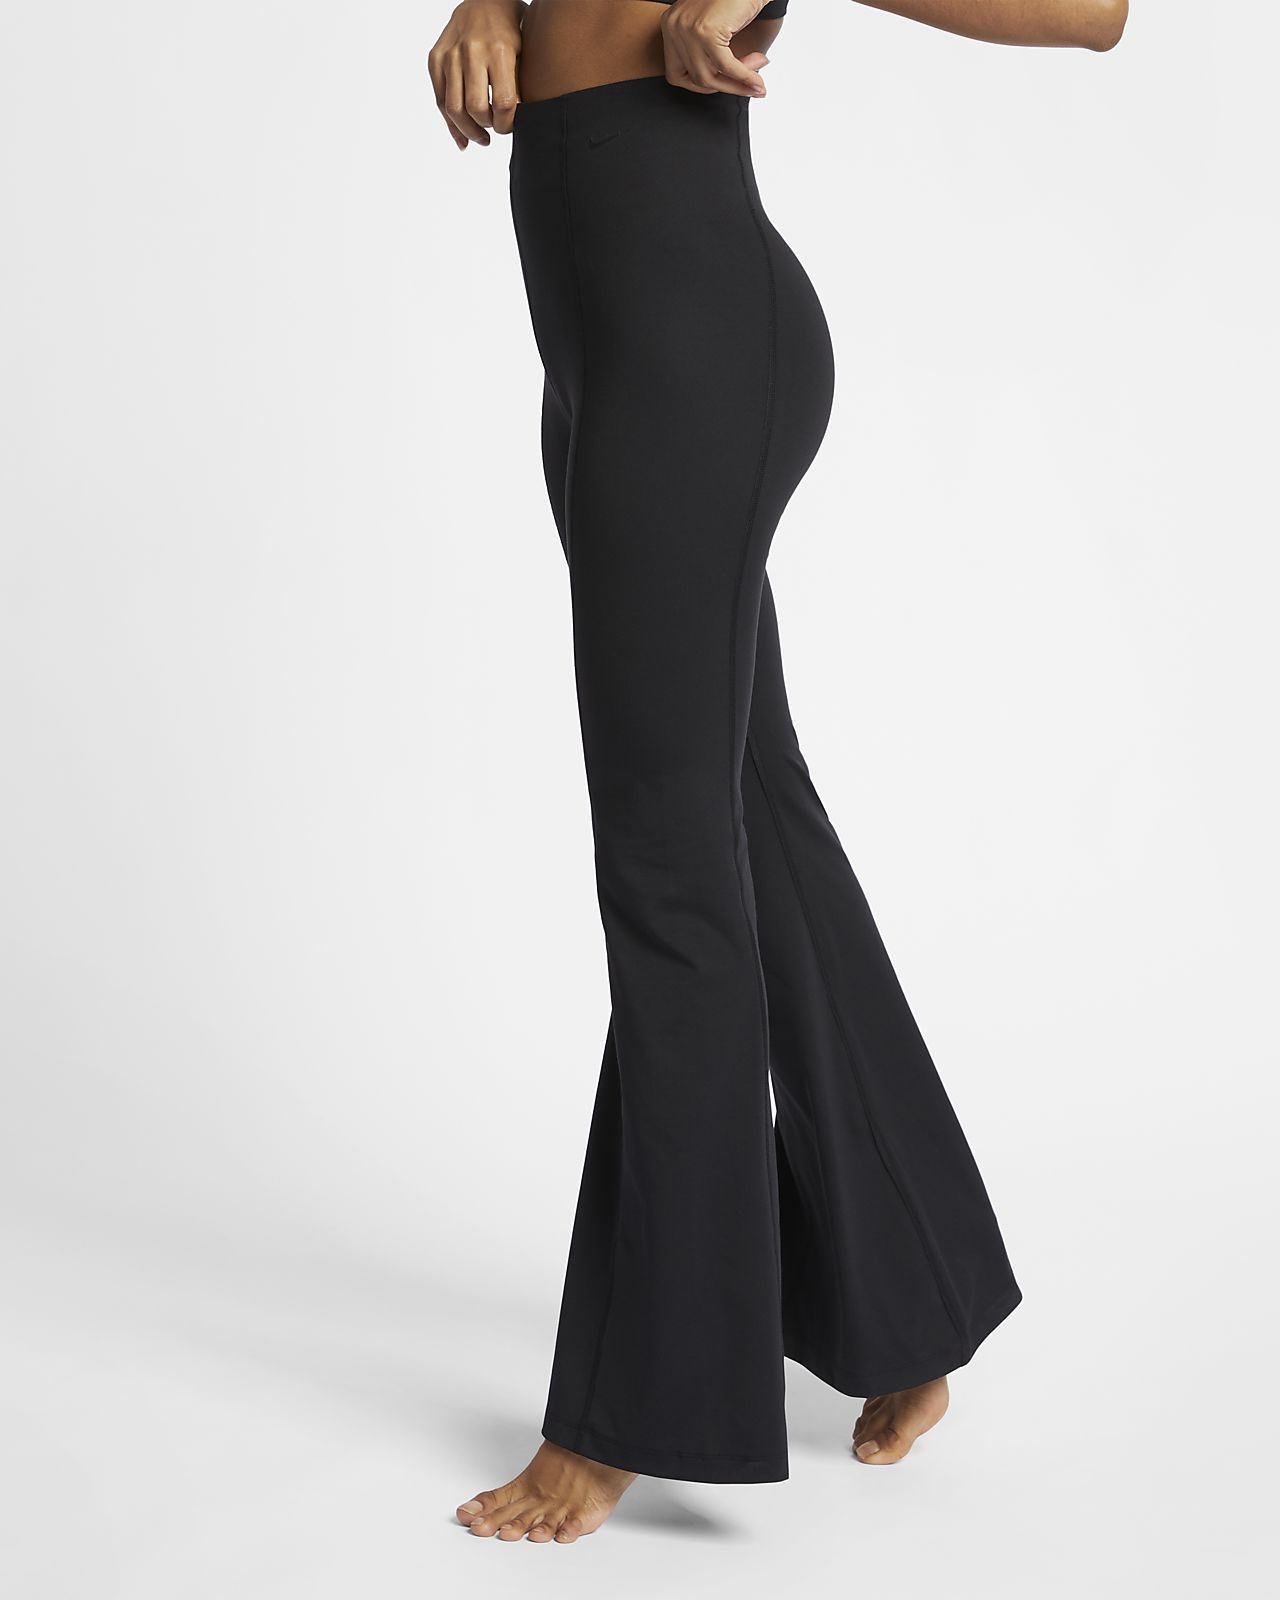 Mallas para yoga para mujer Nike Power Studio Lux